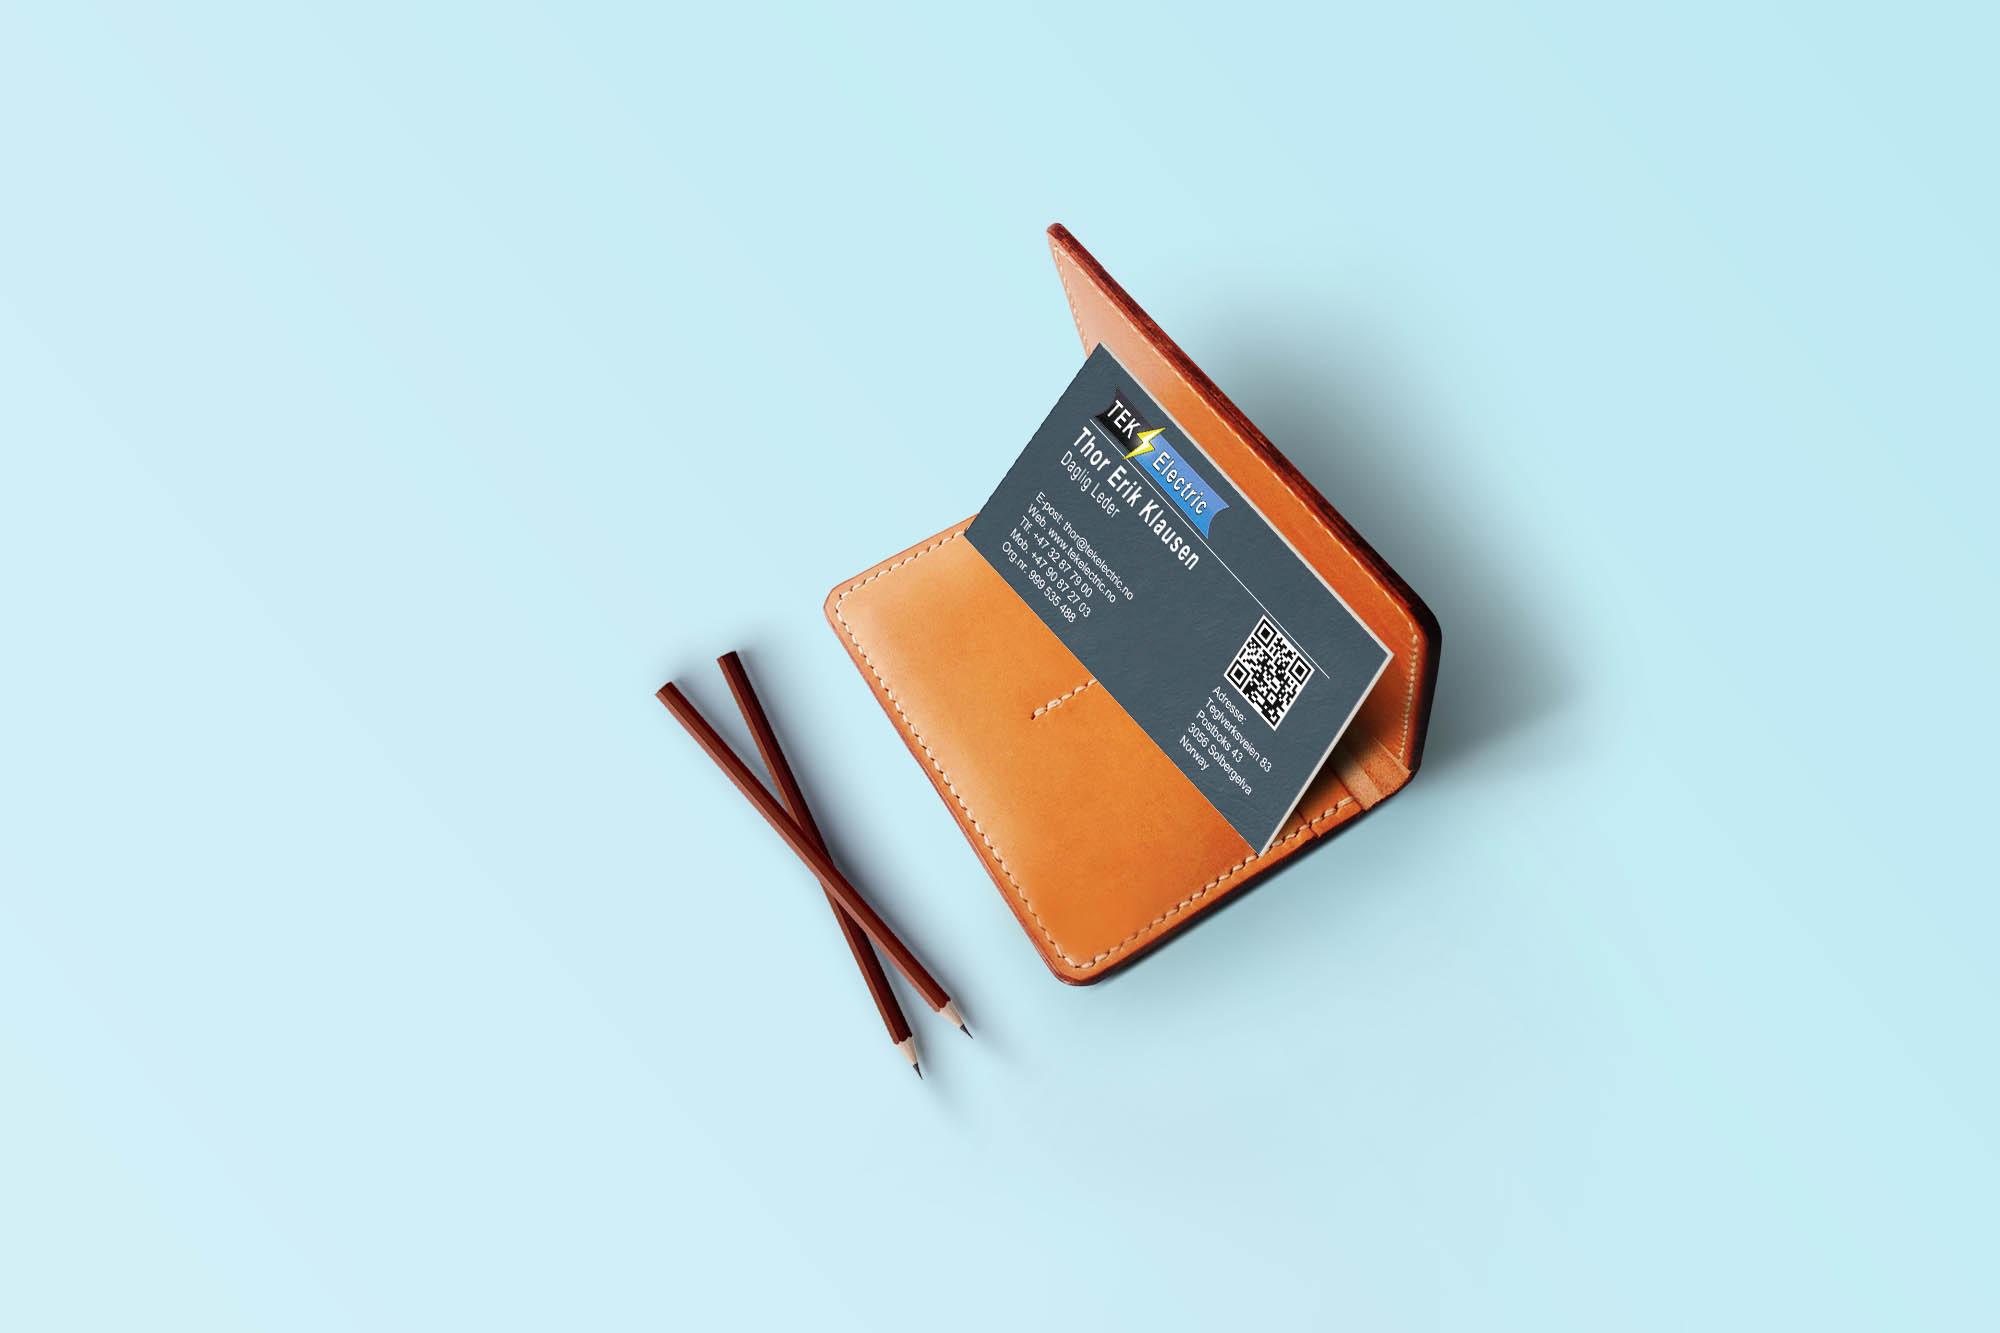 Visittkort for TEK Electric